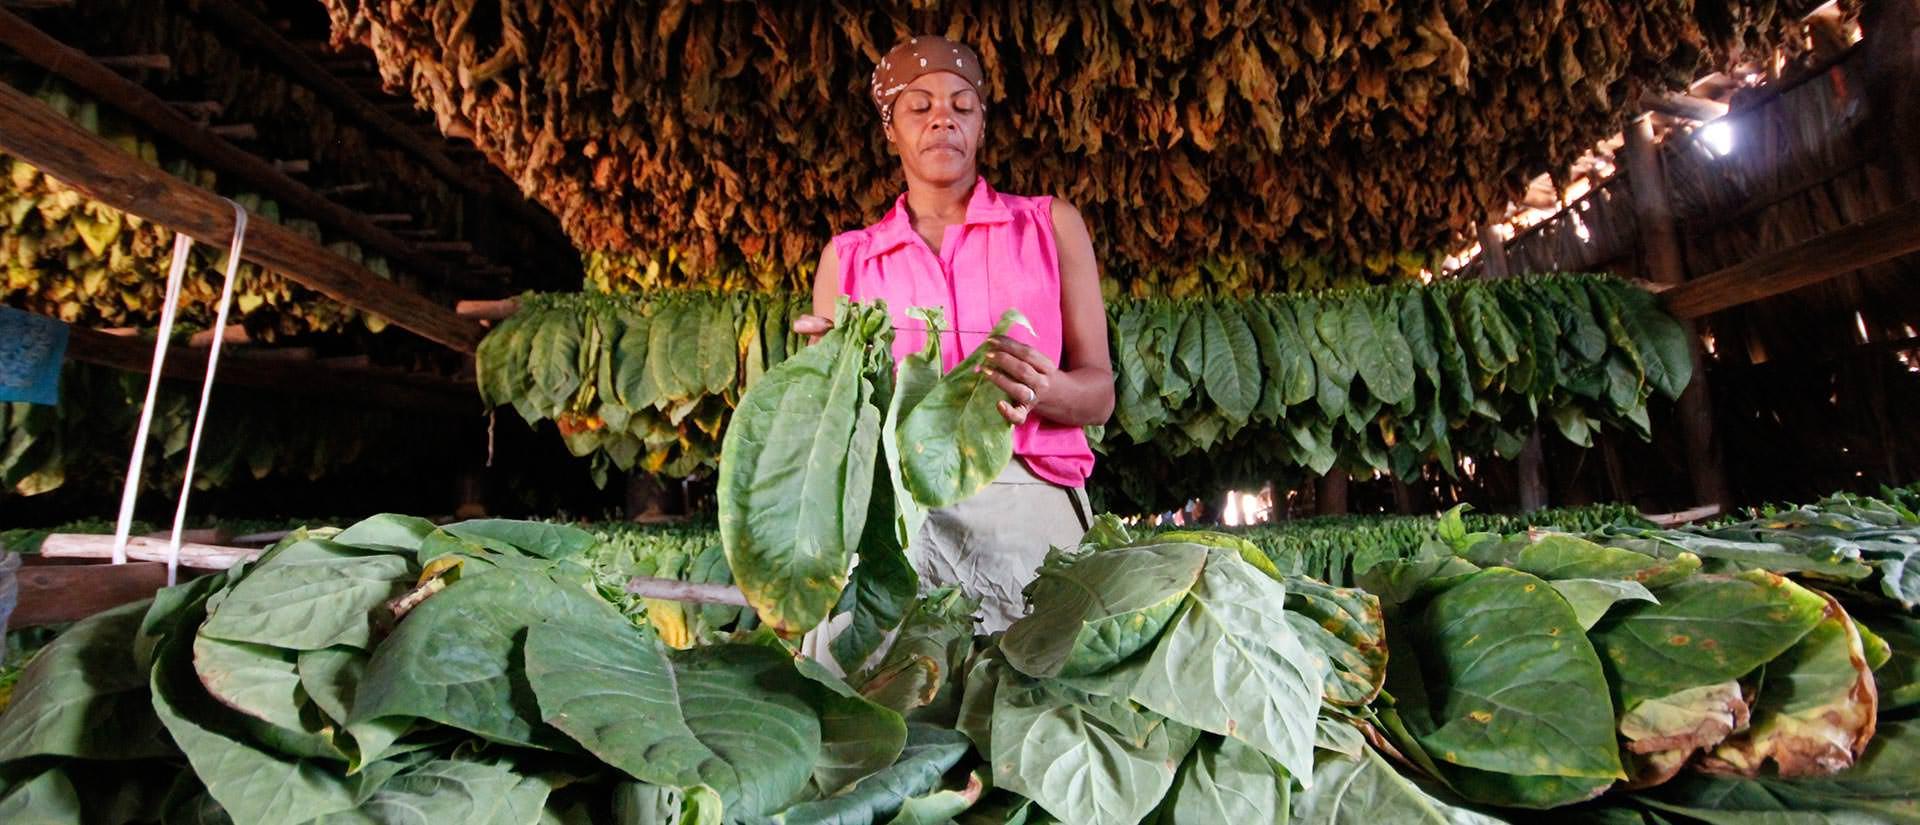 טיול מאורגן לקובה עם החברה הגיאוגרפית